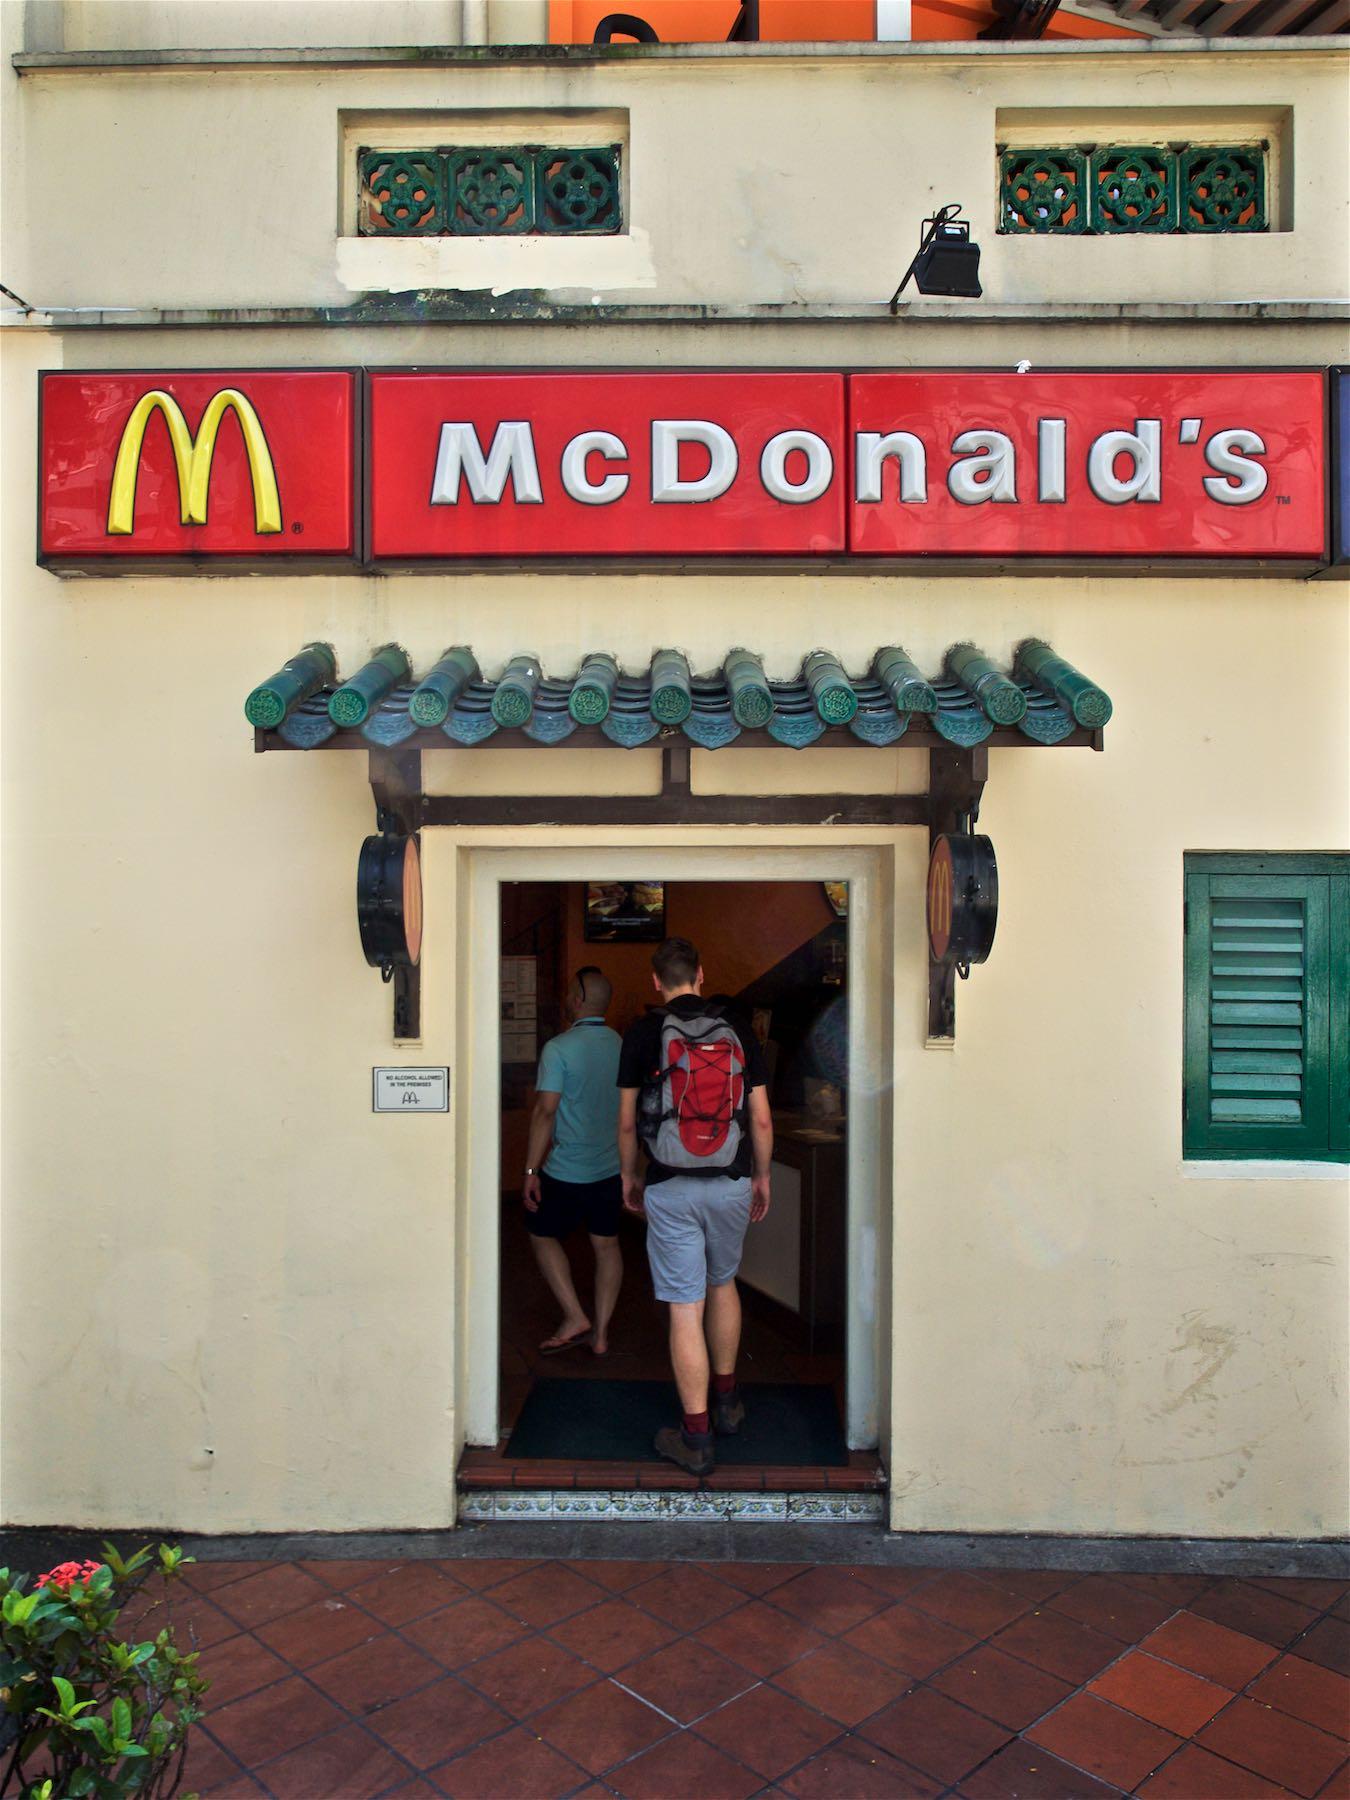 Tiny McDonald's